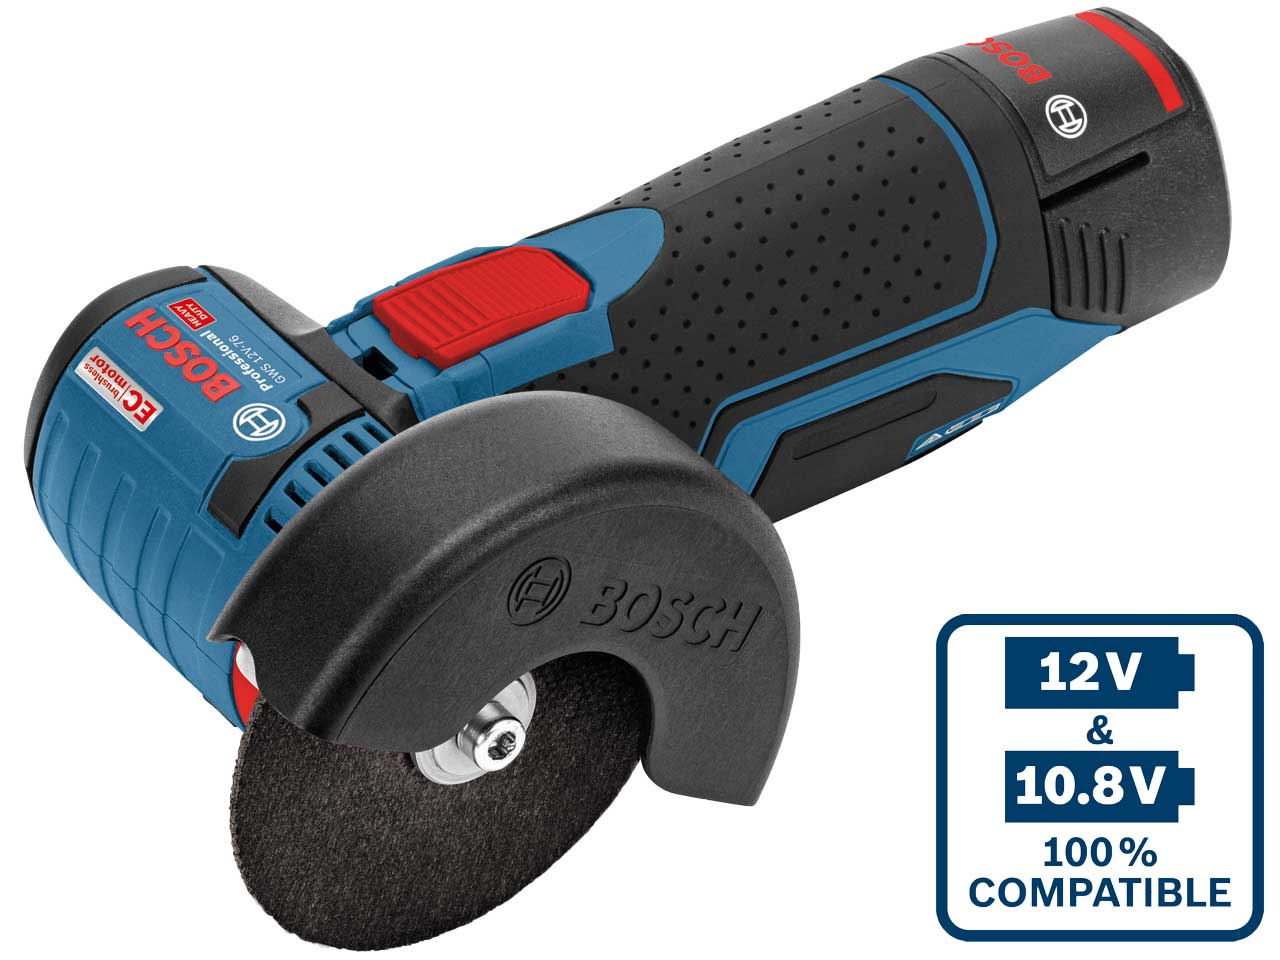 Bosch Gws12v76n 12v 76mm Angle Grinder Bare Unit